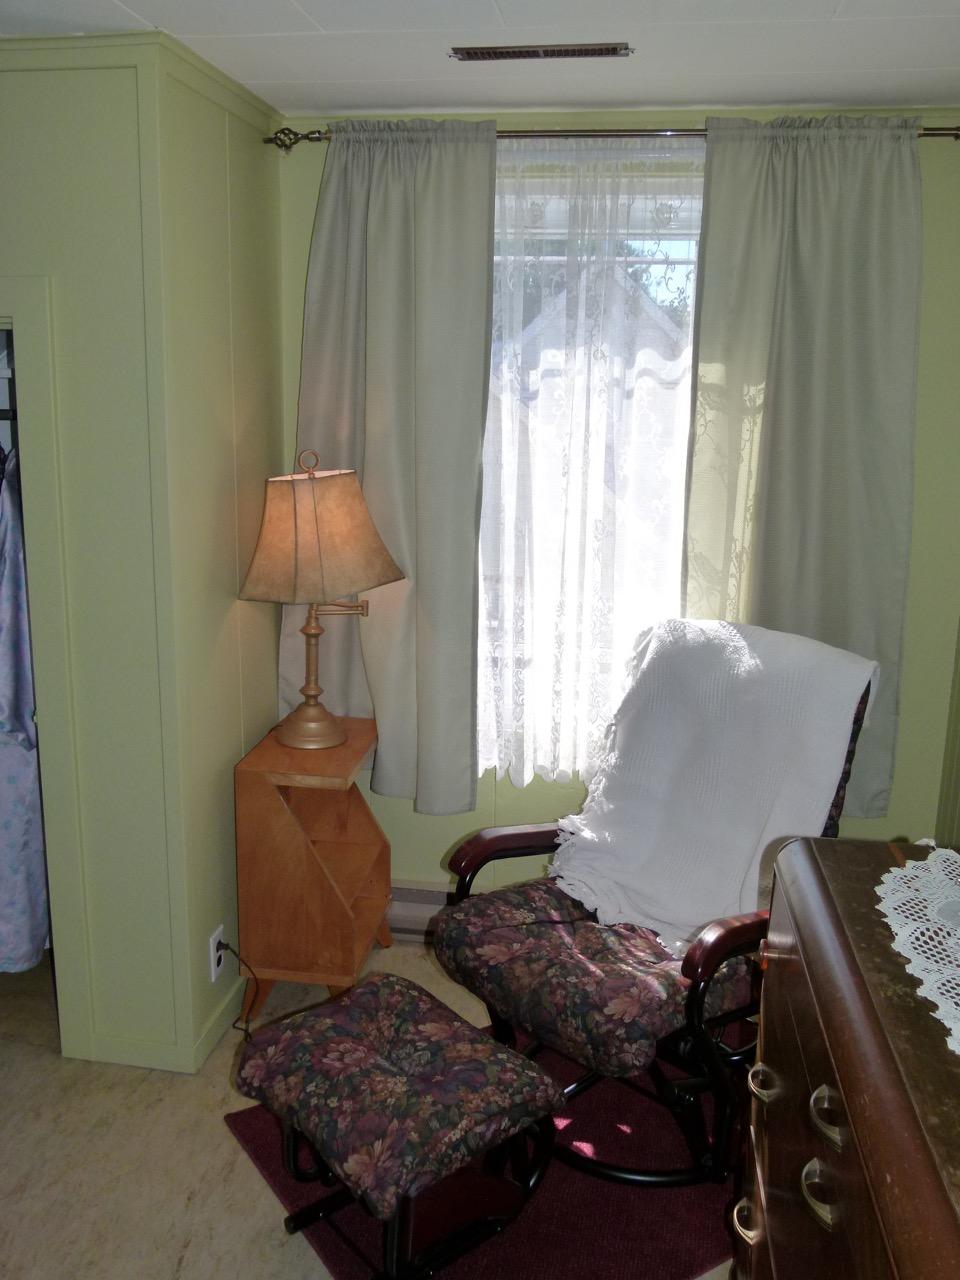 Chaise et fenetre